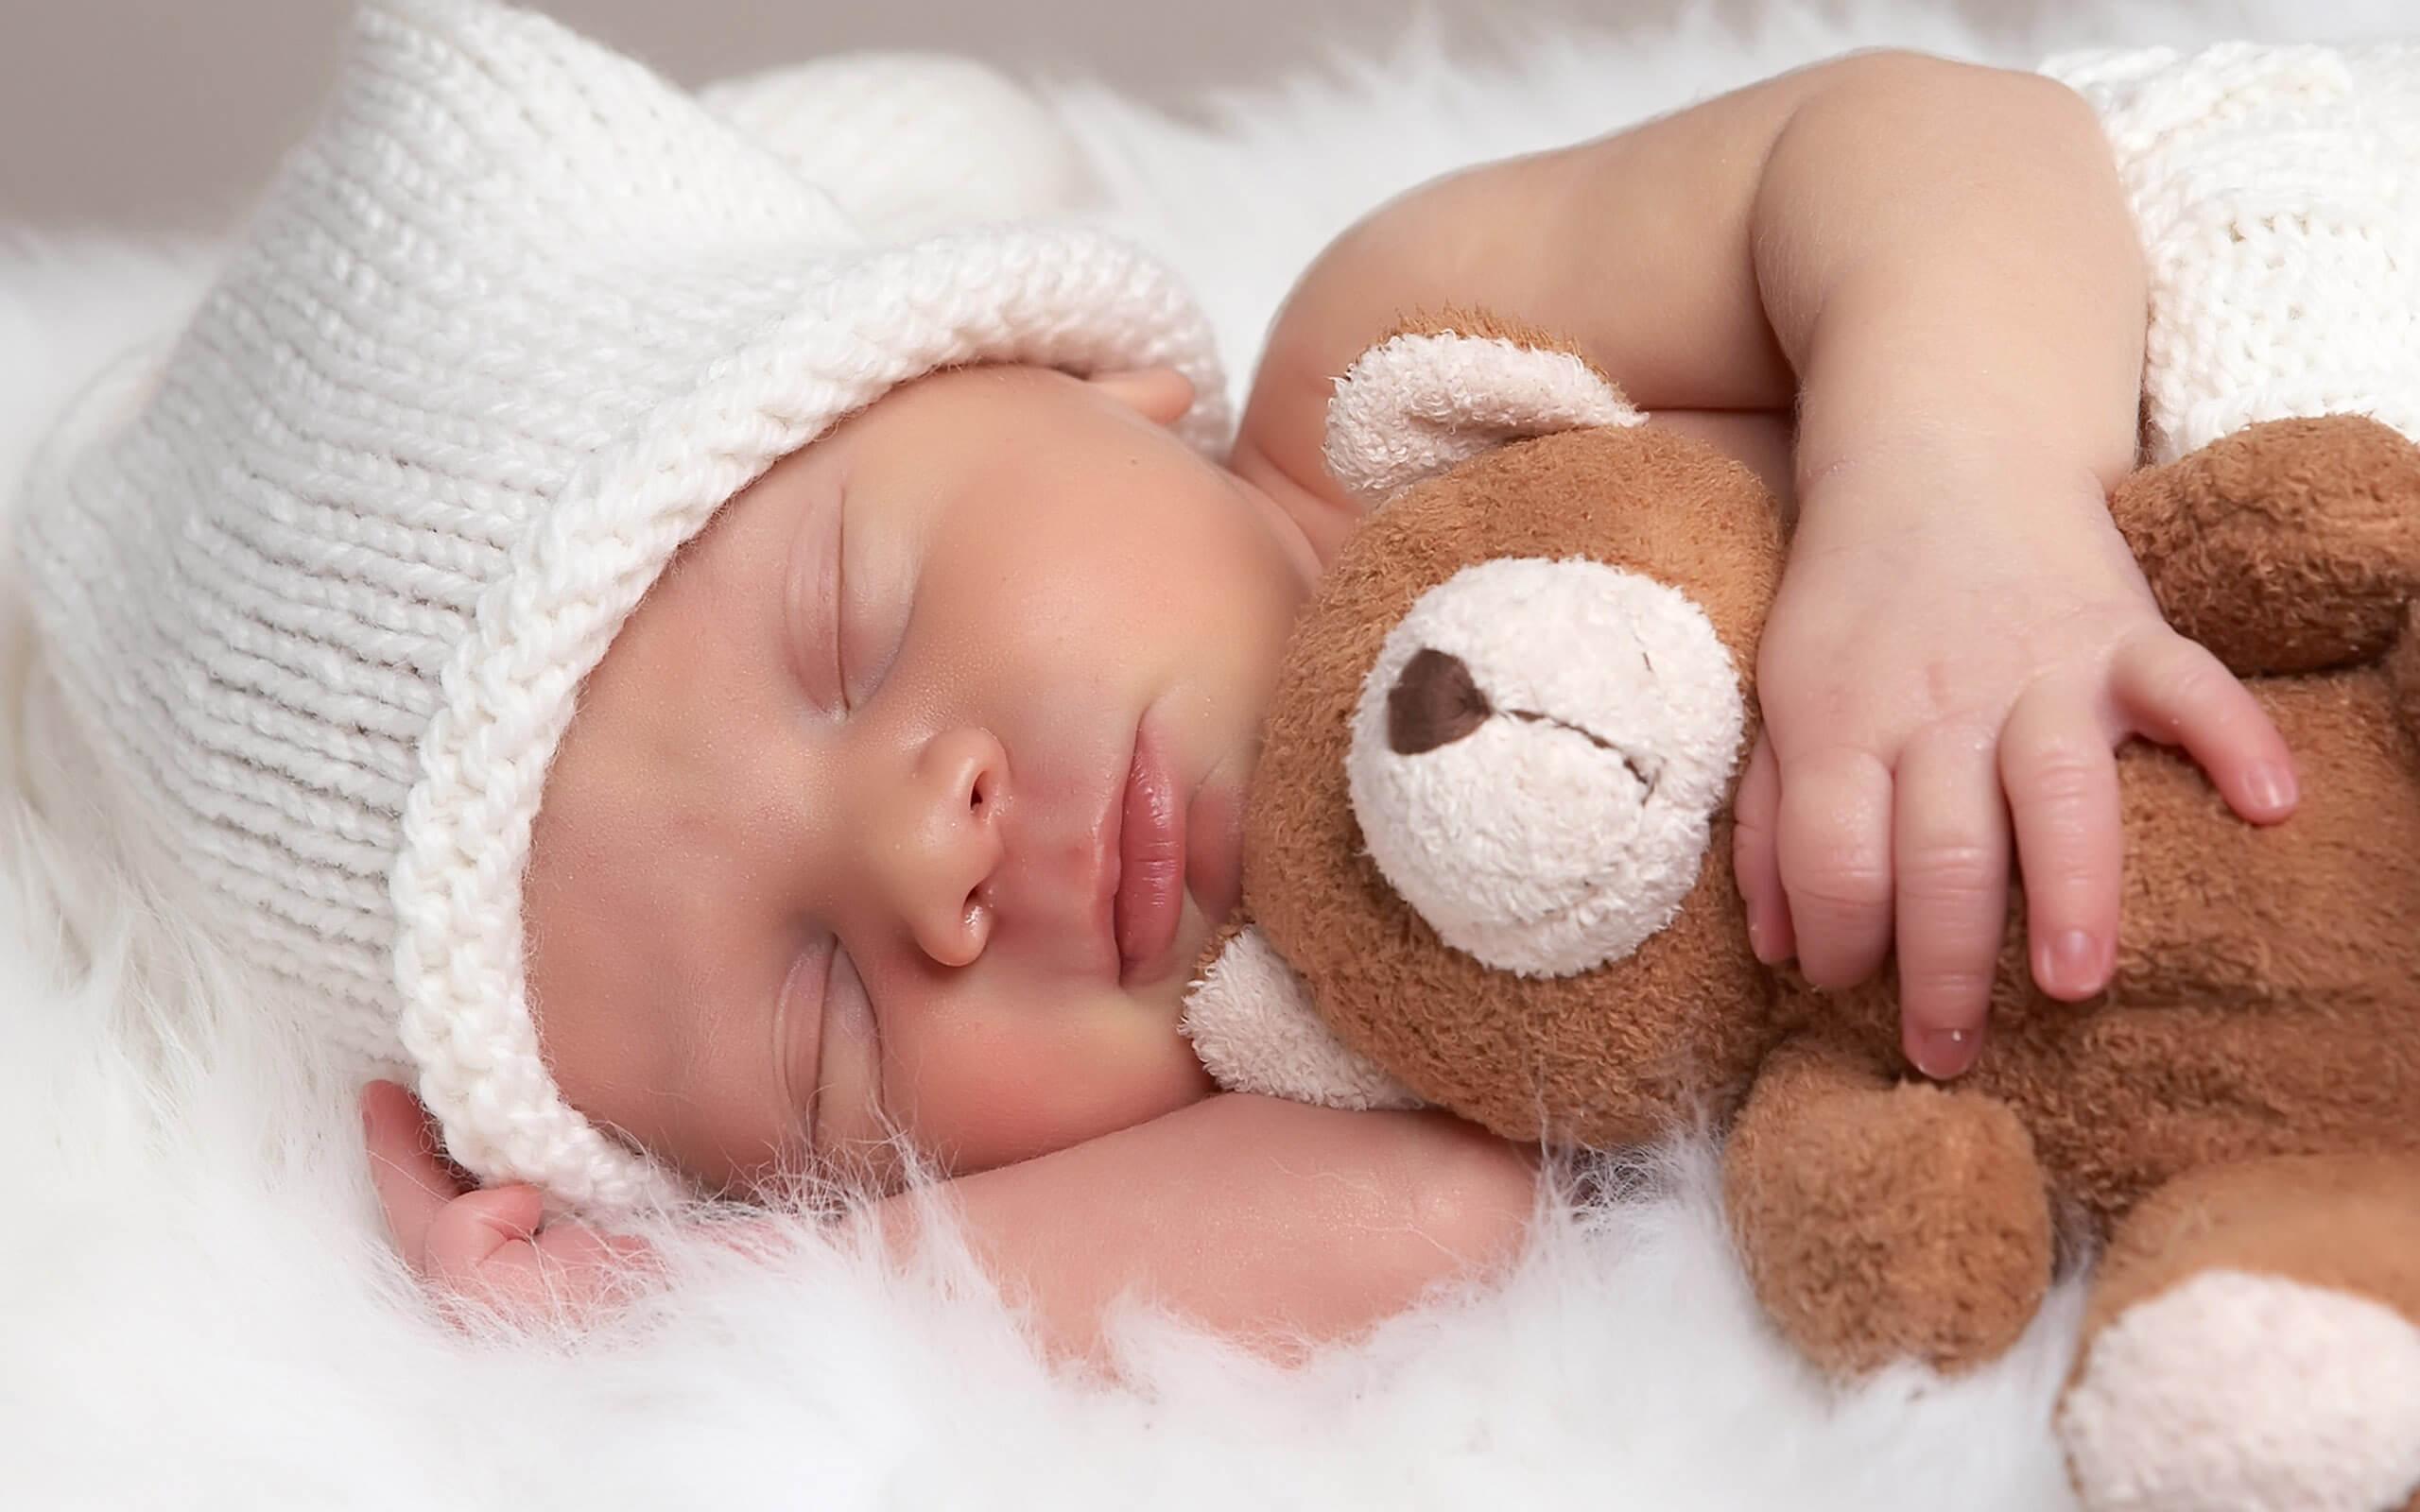 Причины высокого уровня билирубина у новорожденного, симптоматика и методы нормализации